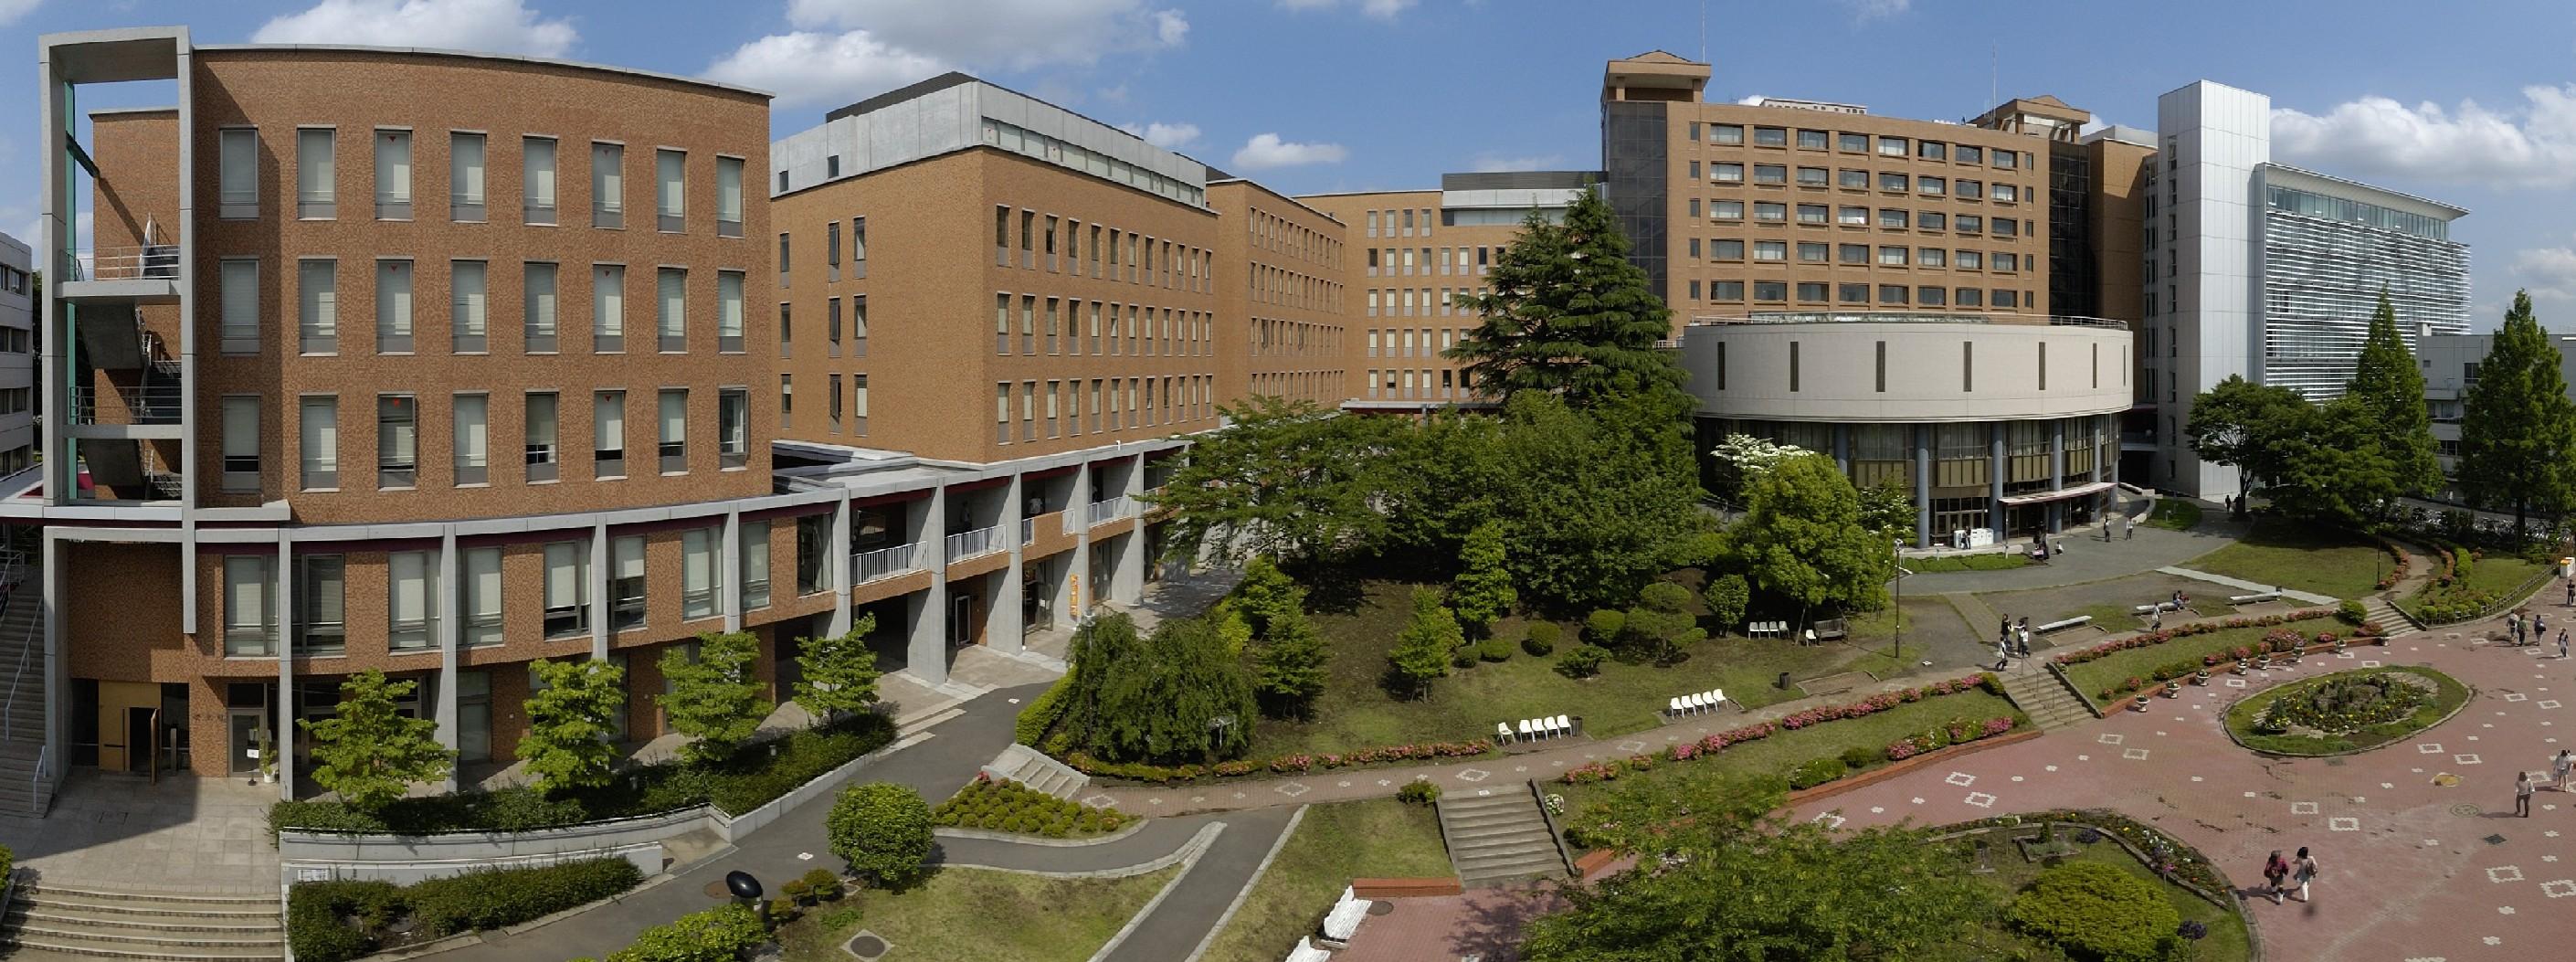 拓殖 大学 第 一 高等 学校 拓殖大学第一高等学校のインタビュー みんなの高校情報